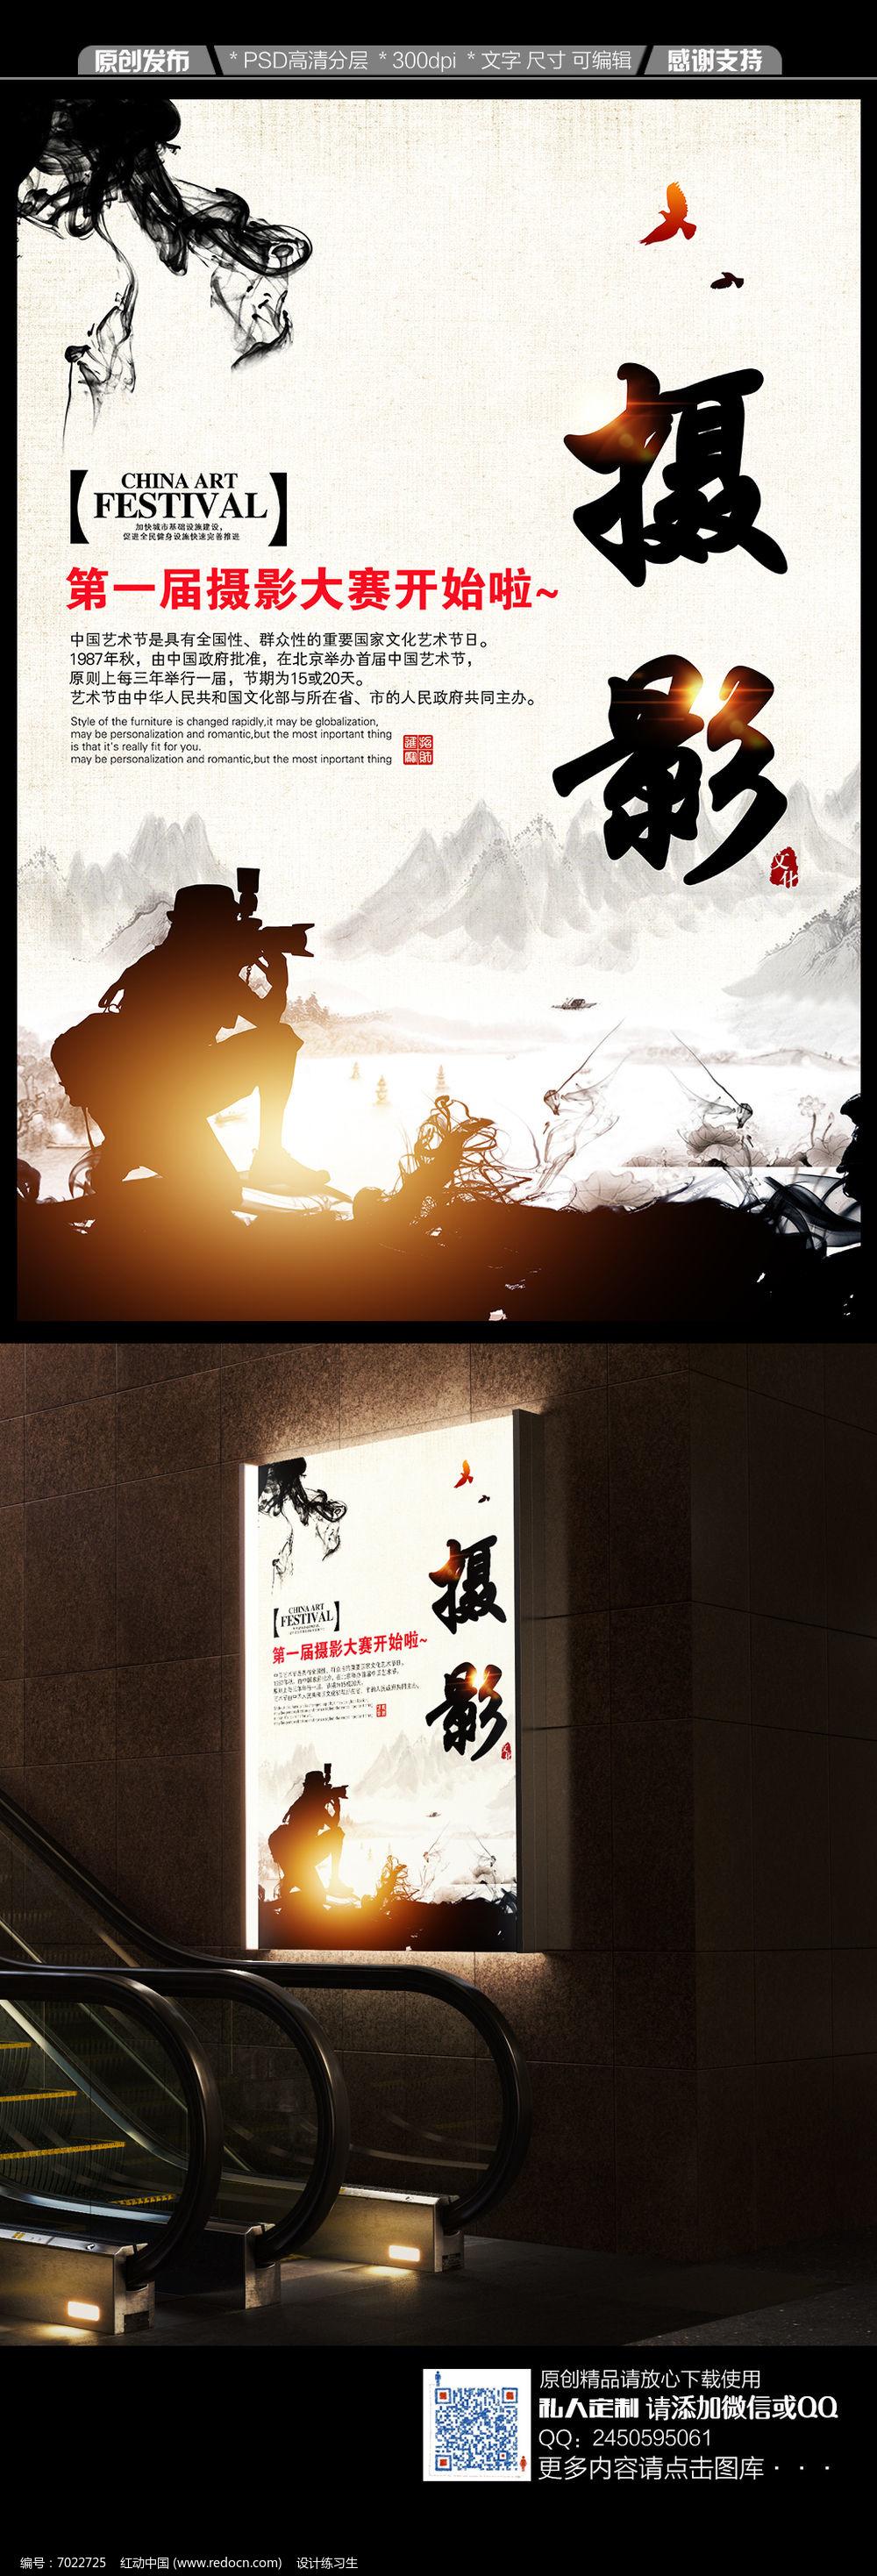 创意水墨摄影大赛宣传海报图片